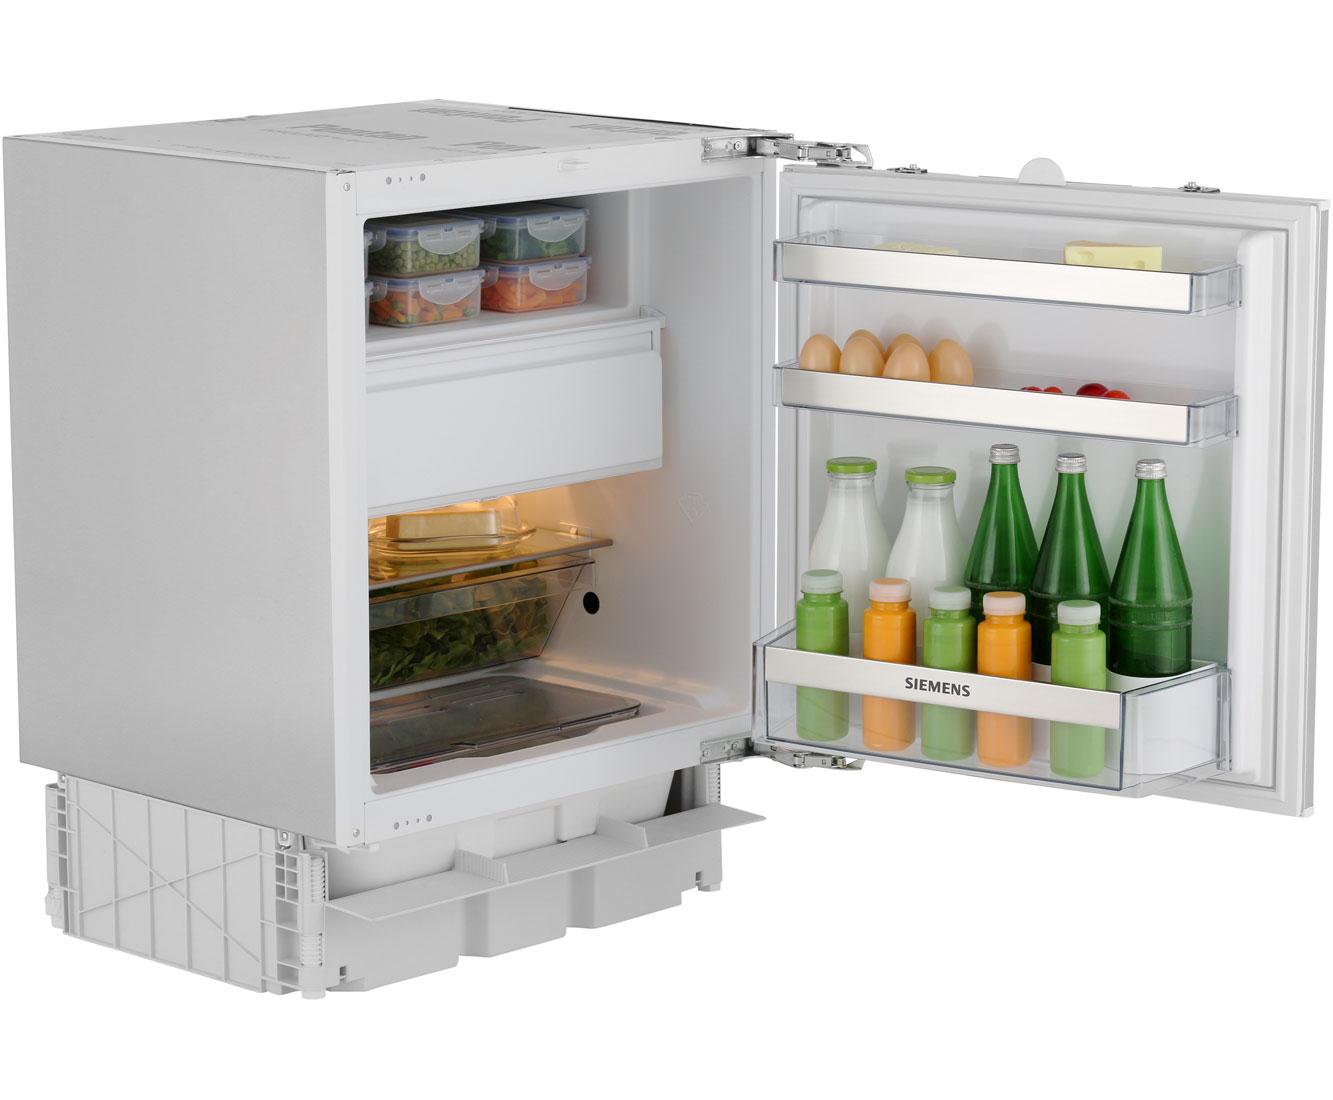 Siemens Kühlschrank Groß : Siemens ku la unterbau kühlschrank mit gefrierfach er